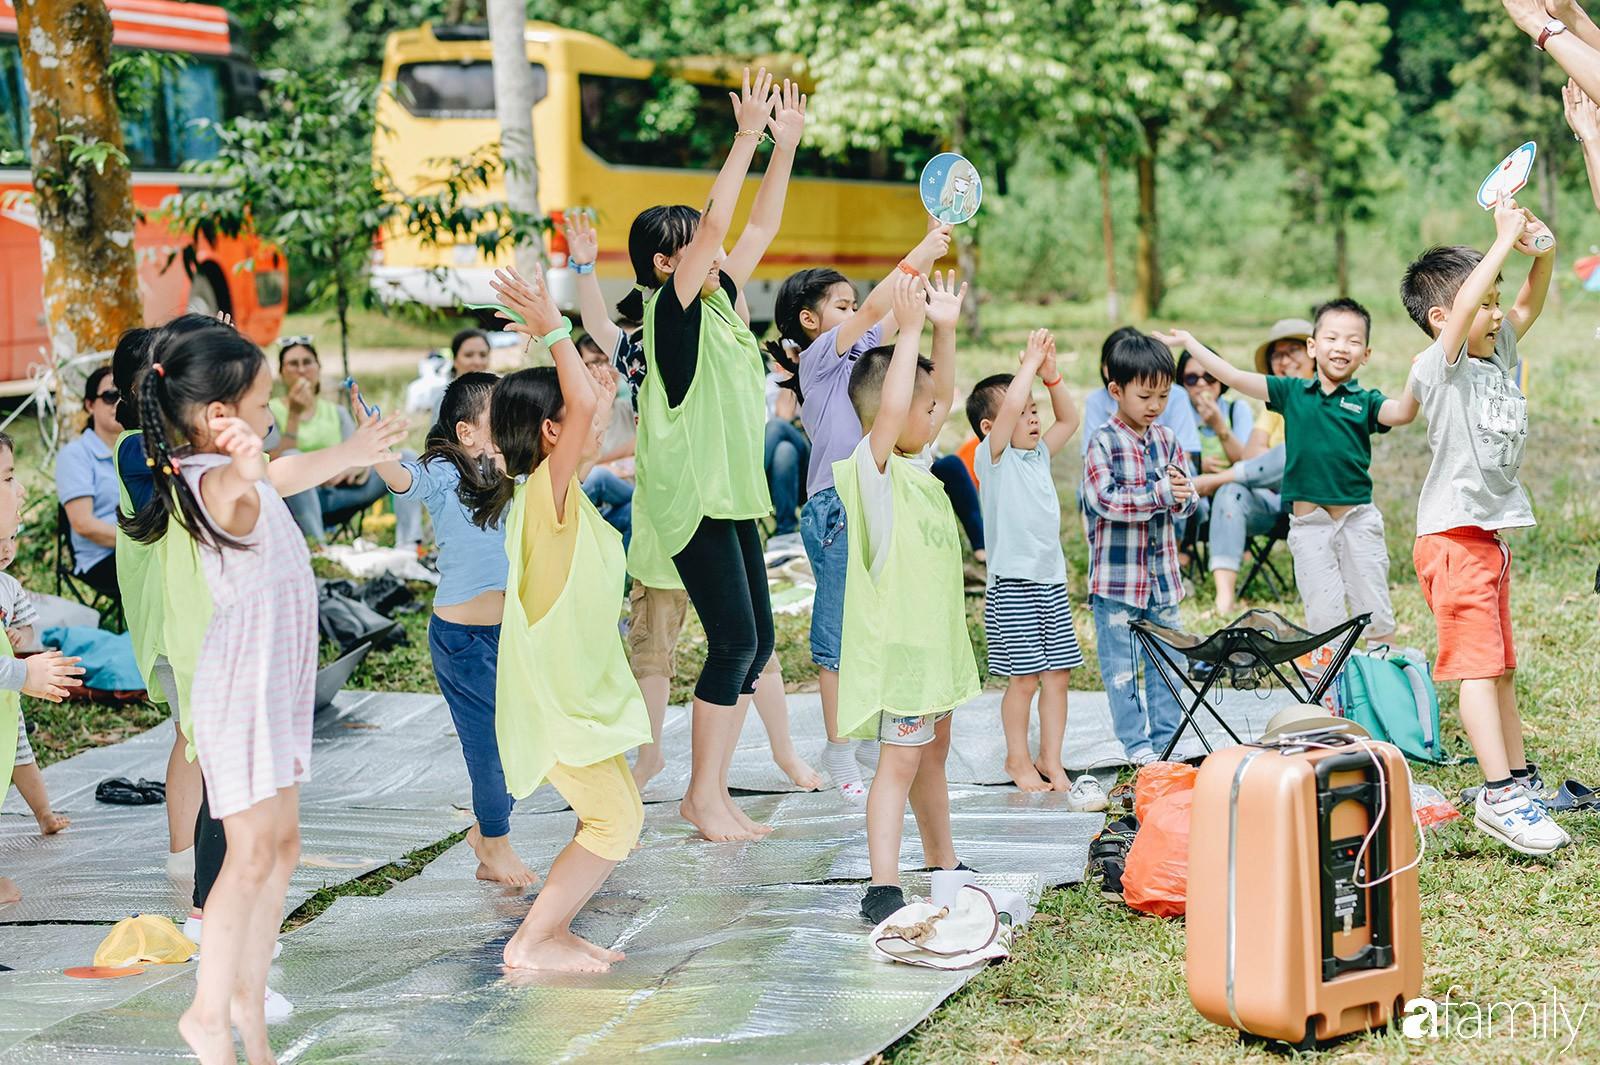 Trường mẫu giáo không thể thay bố mẹ nuôi dạy con bạn thành những đứa trẻ thành công và hạnh phúc - Ảnh 5.